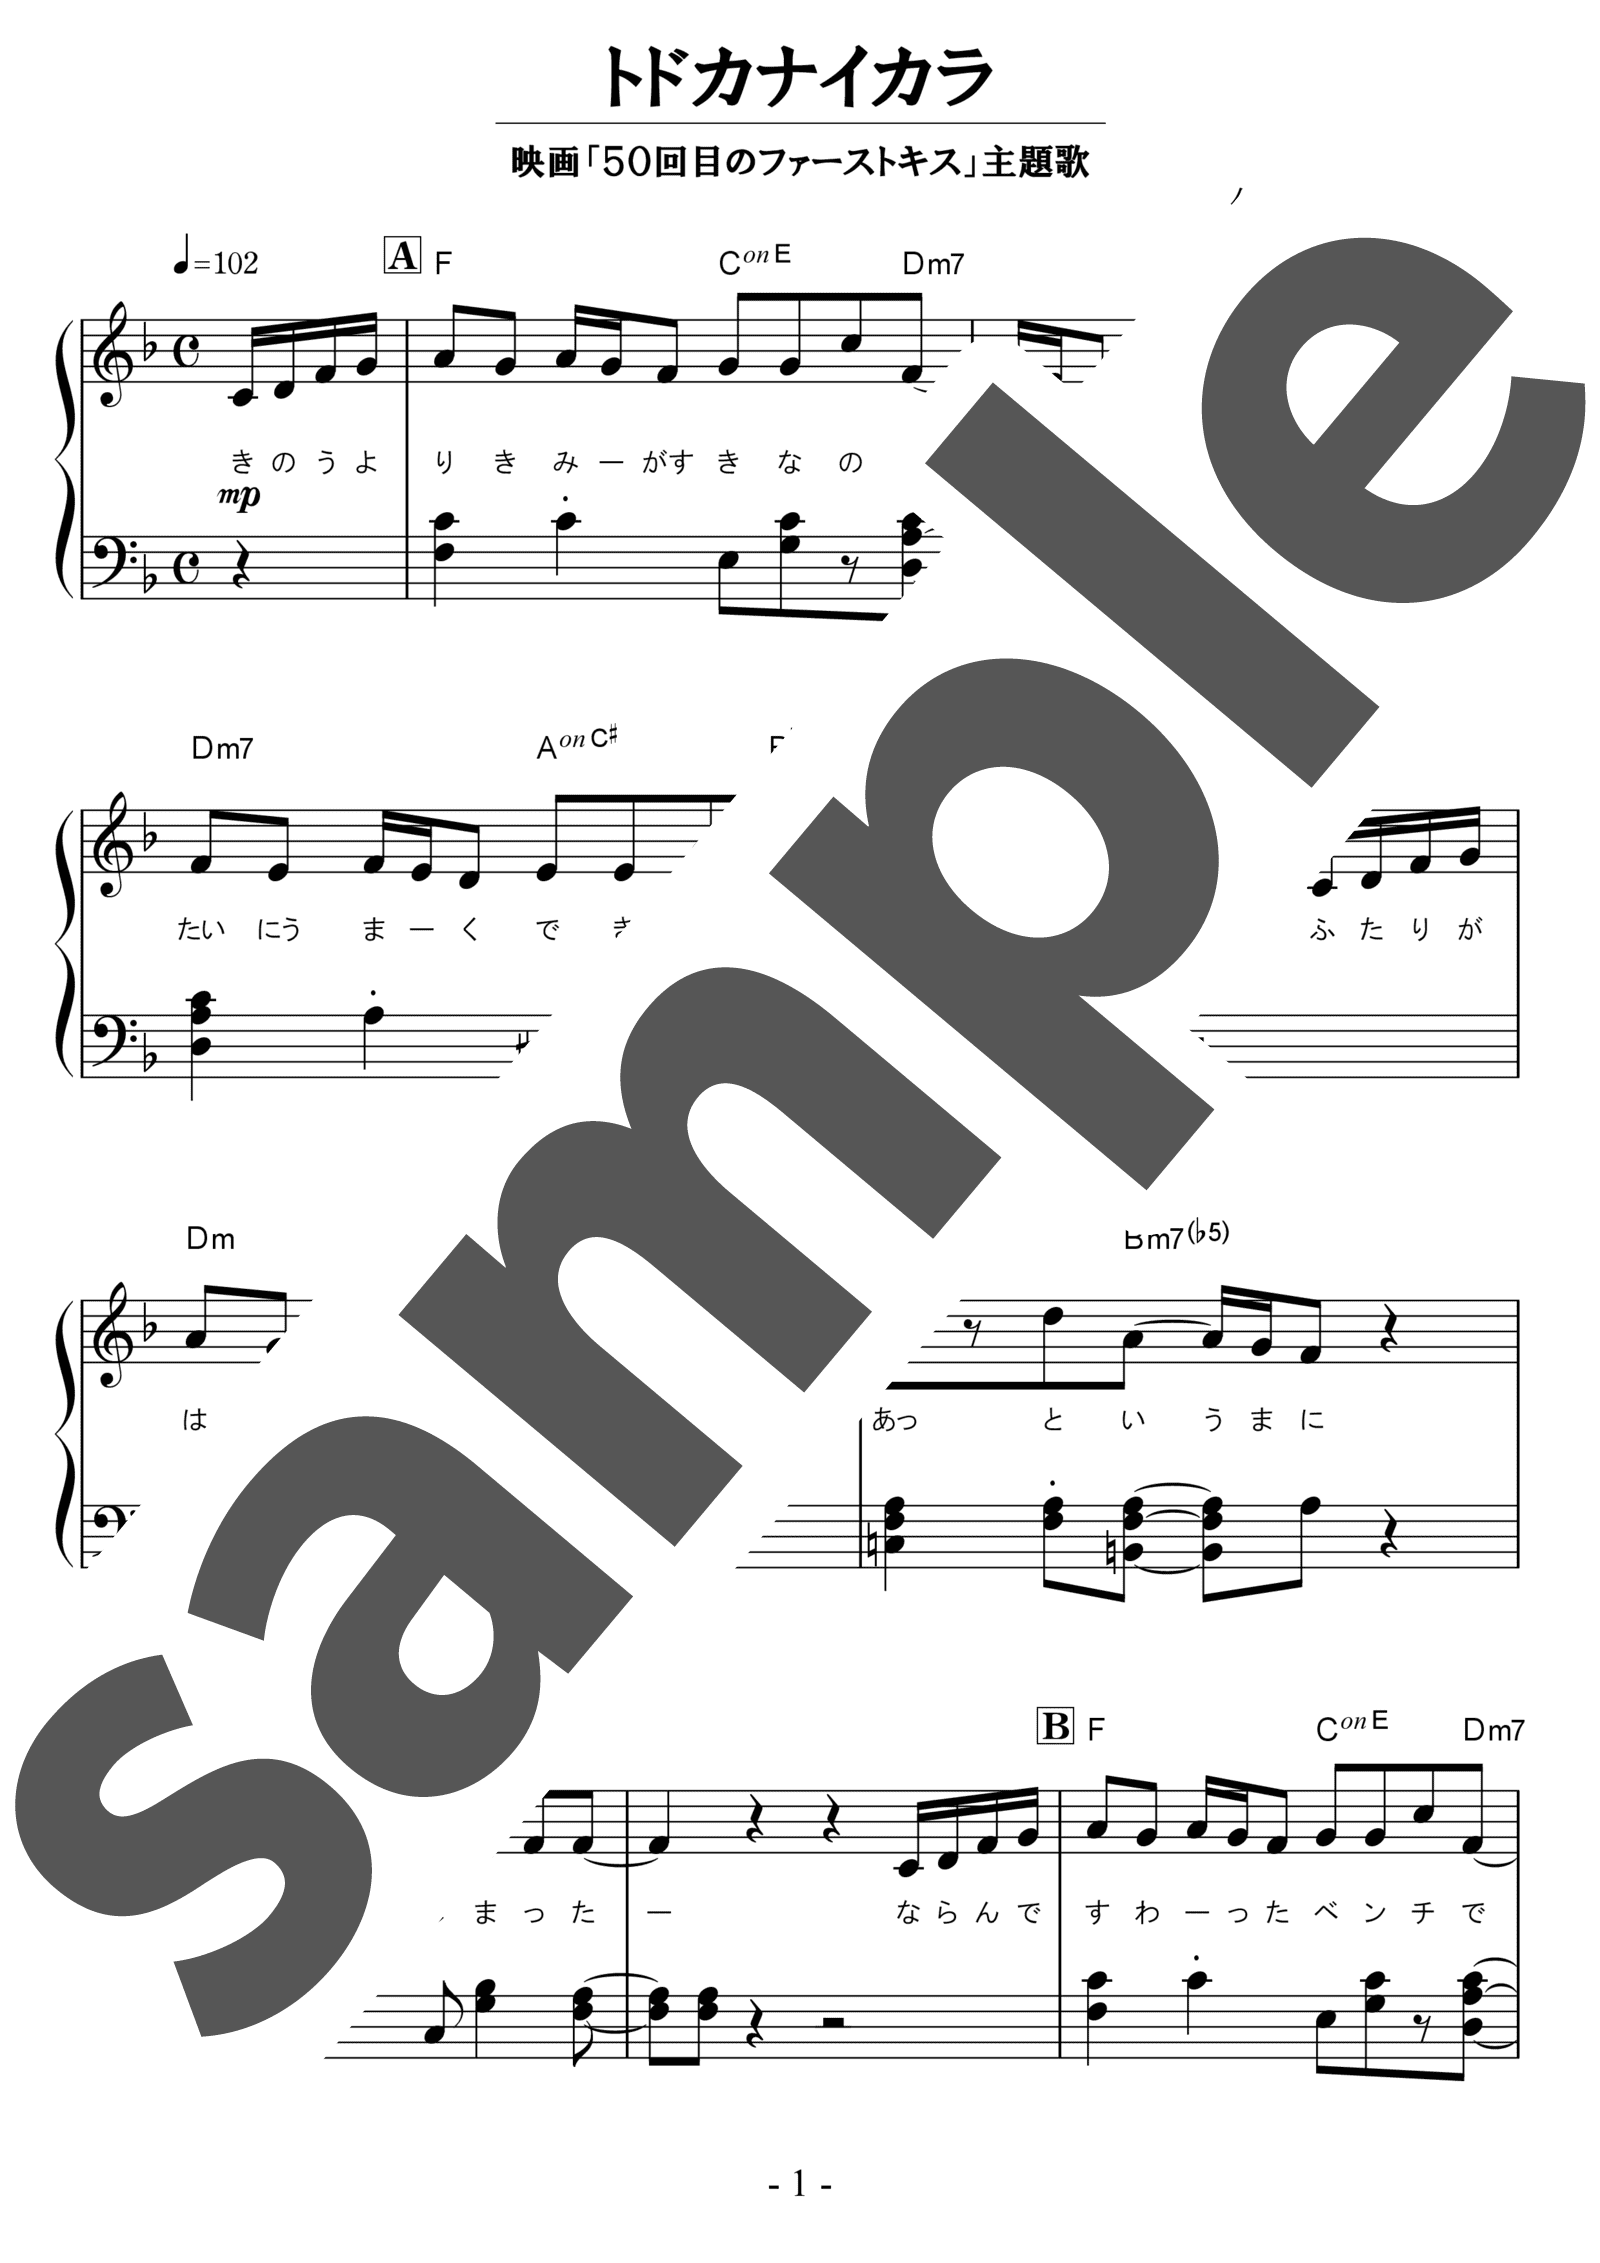 「トドカナイカラ」のサンプル楽譜